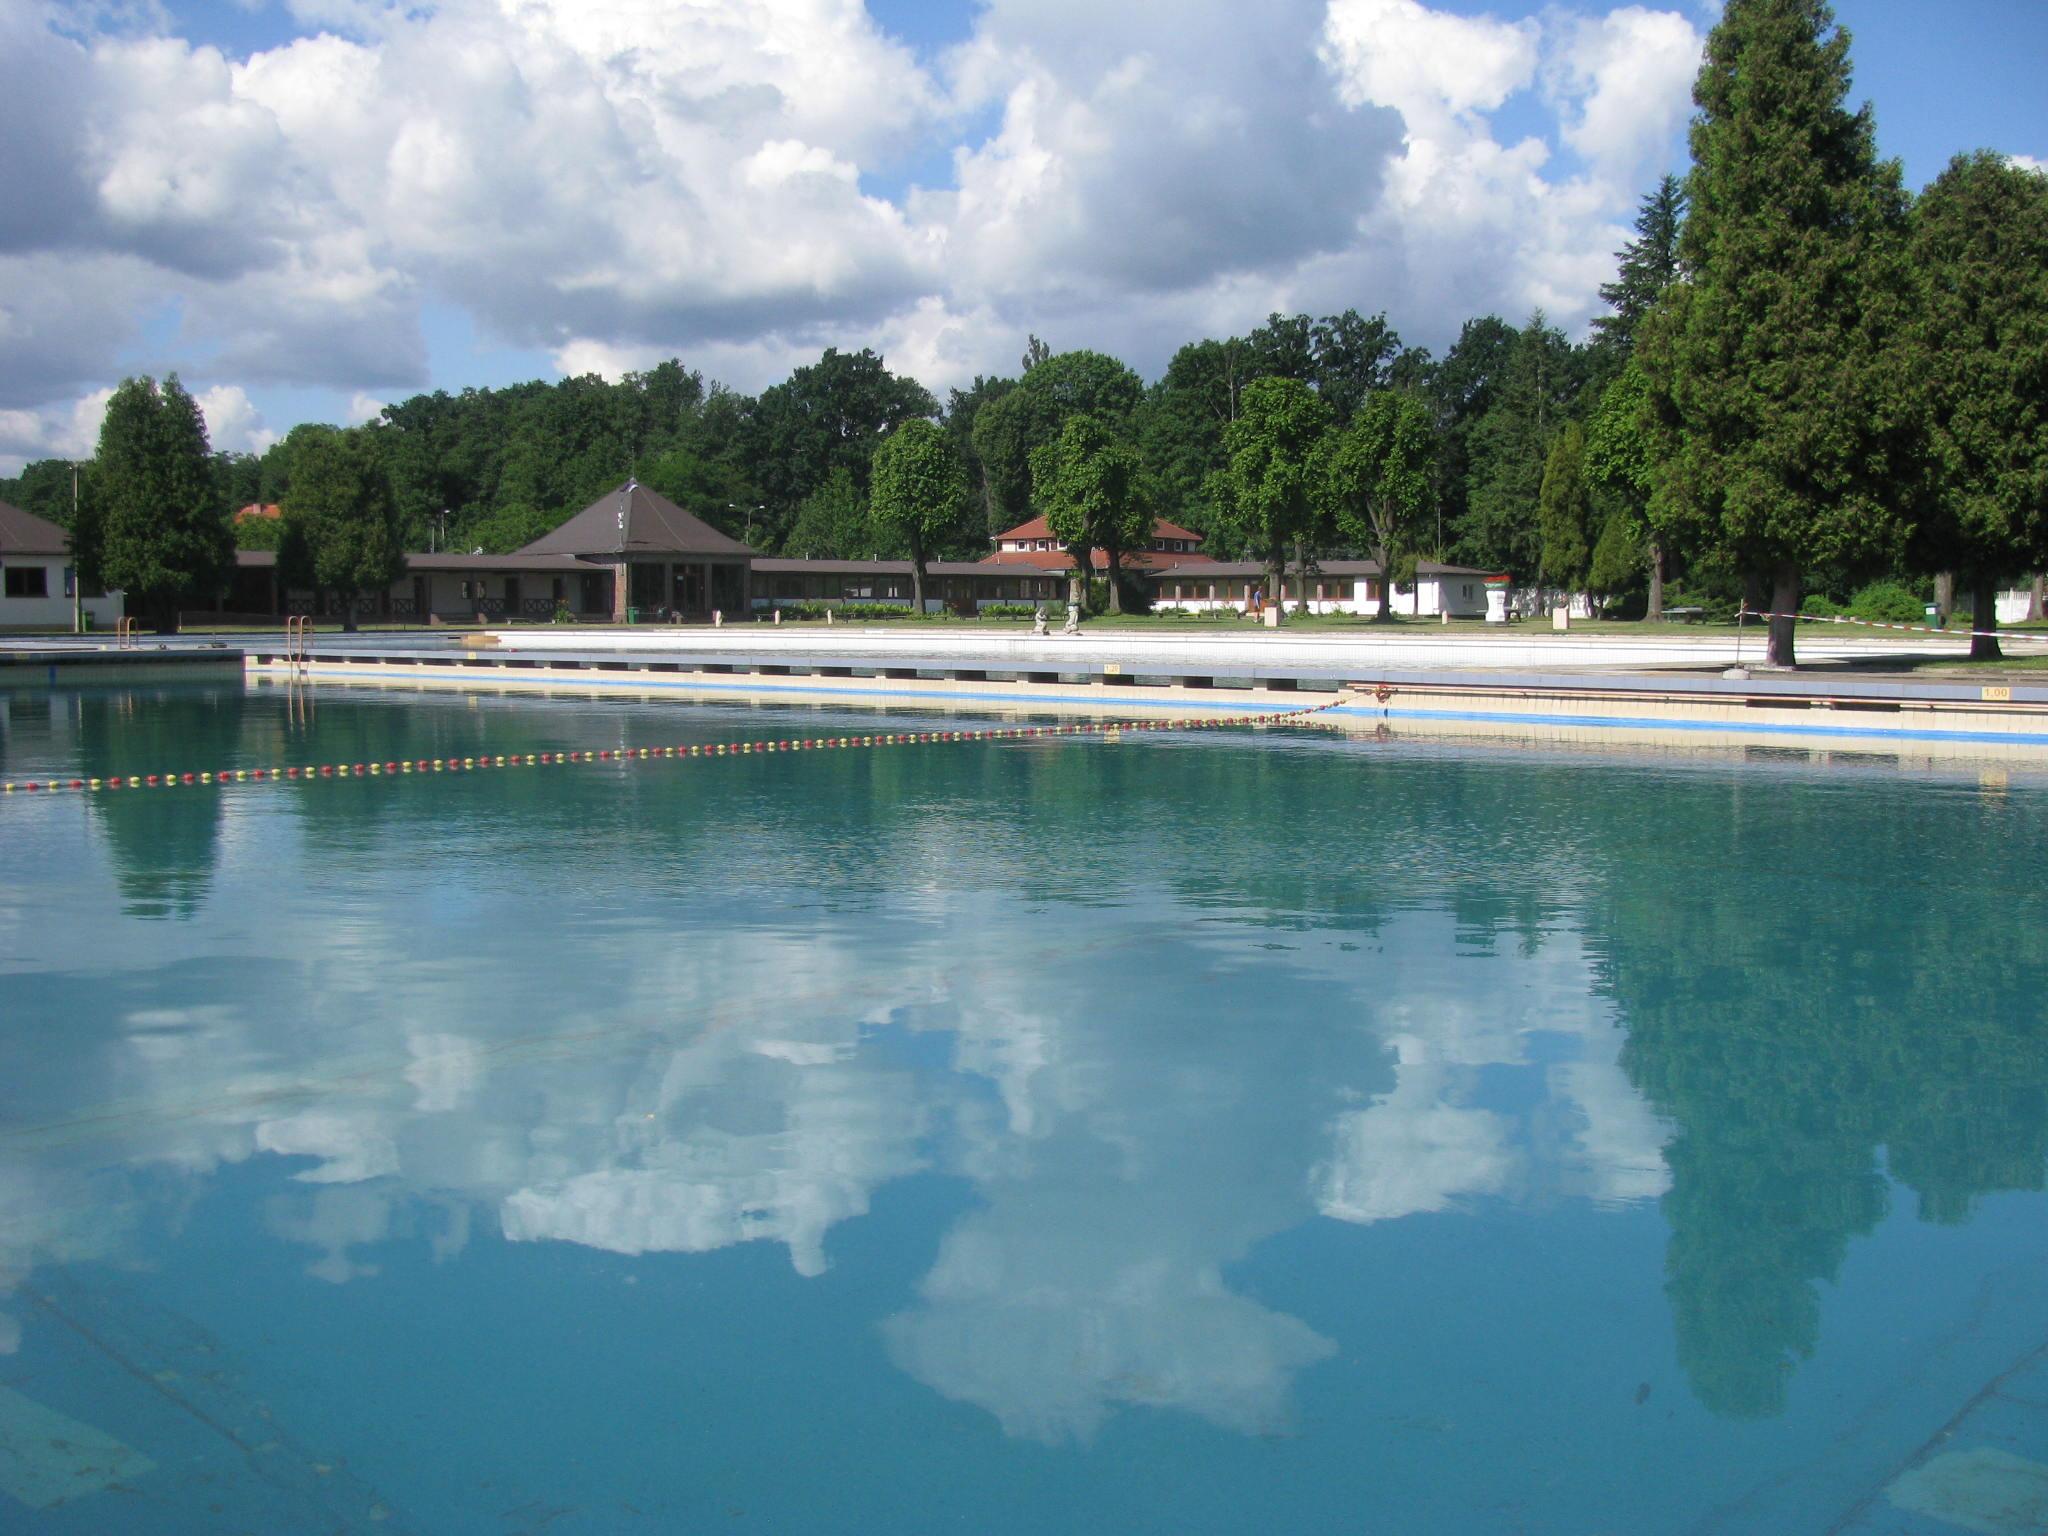 Zapraszamy na basen!